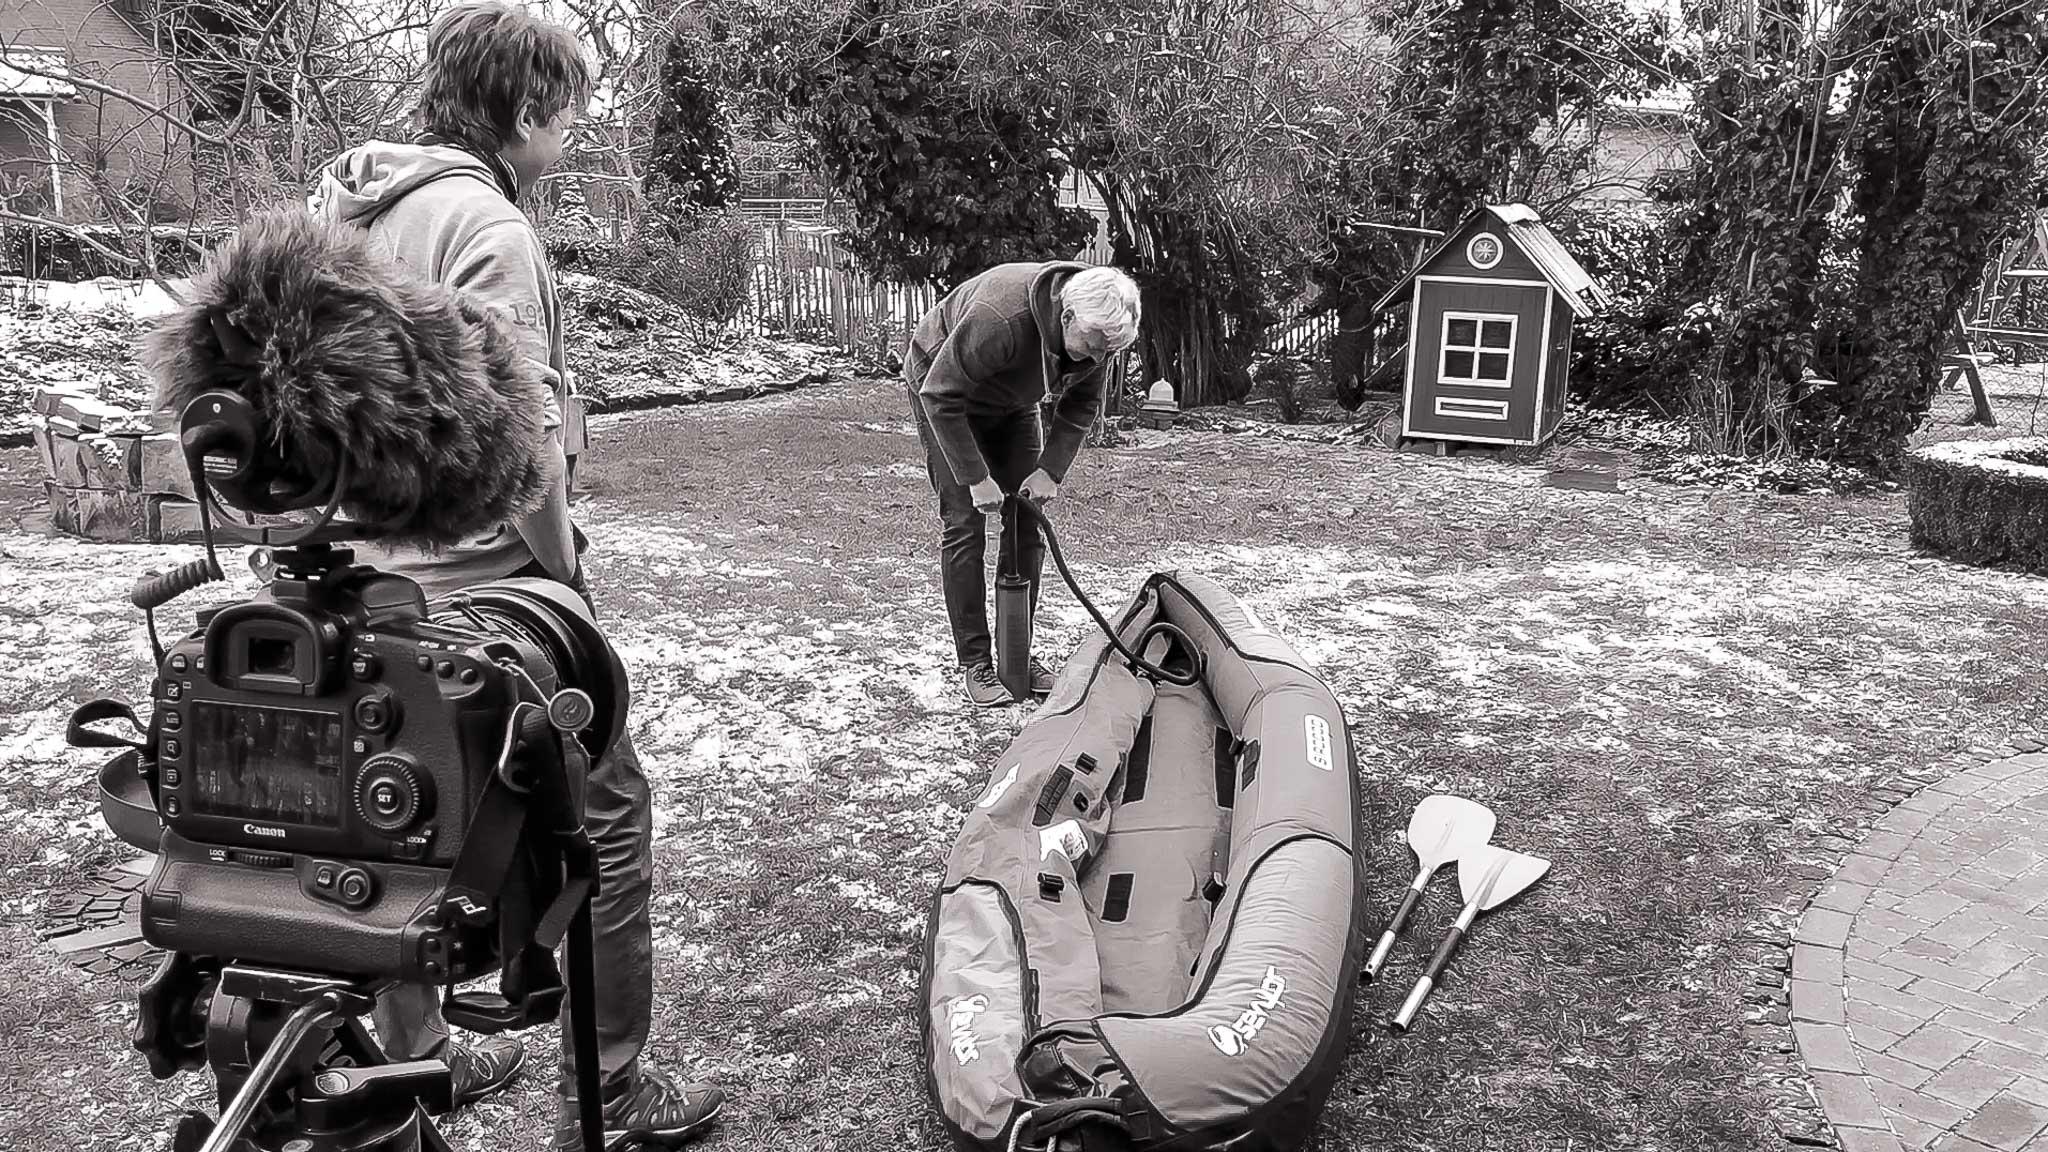 Michael pumpt im Garten das Boot auf